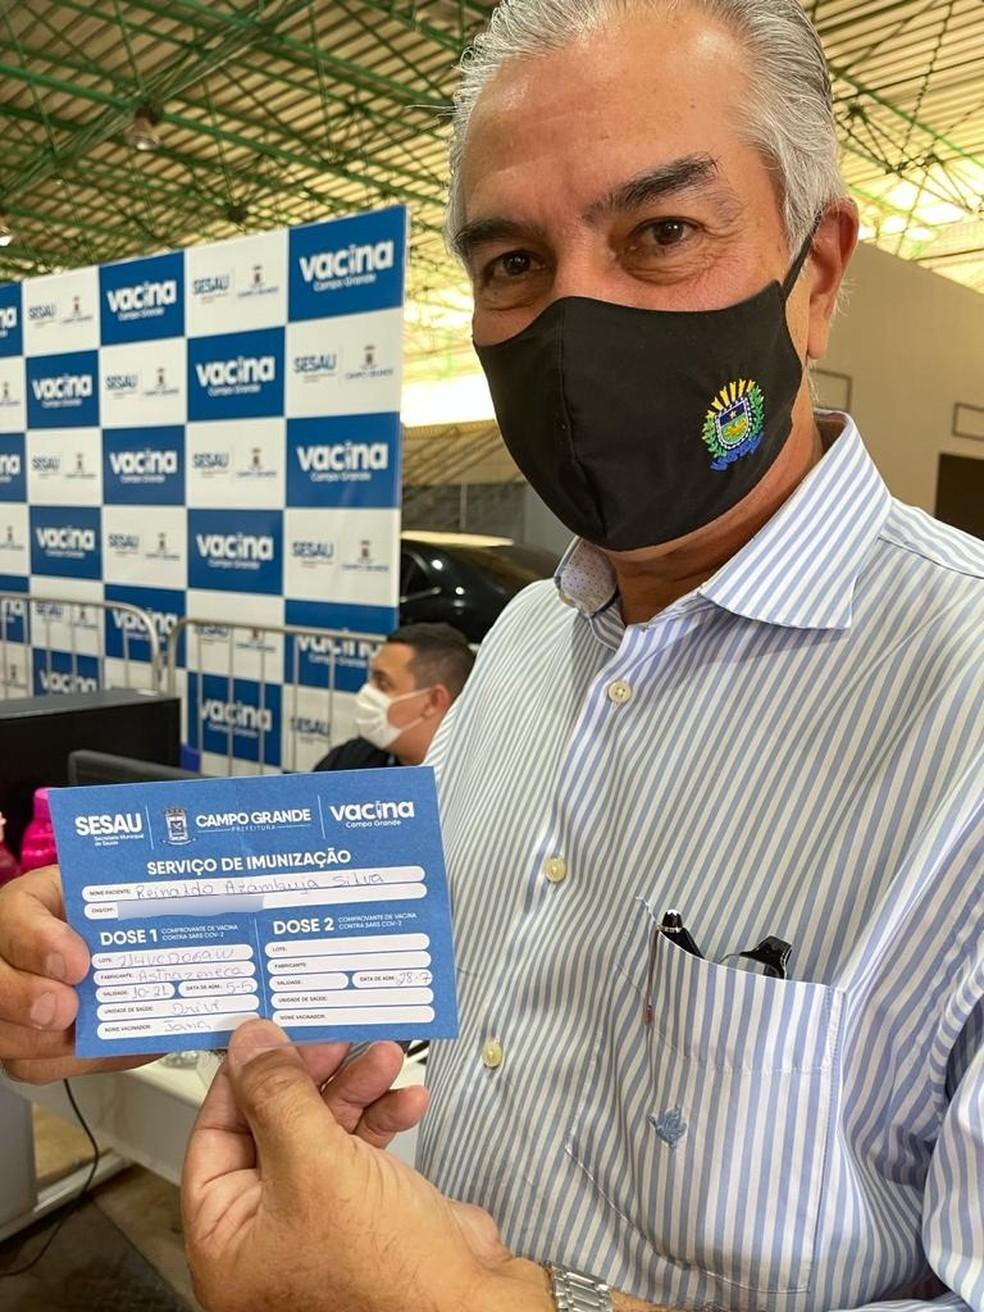 Governador Reinaldo Azambuja foi vacinado com Astrazeneca — Foto: Cláudia Gaigher/TV Morena